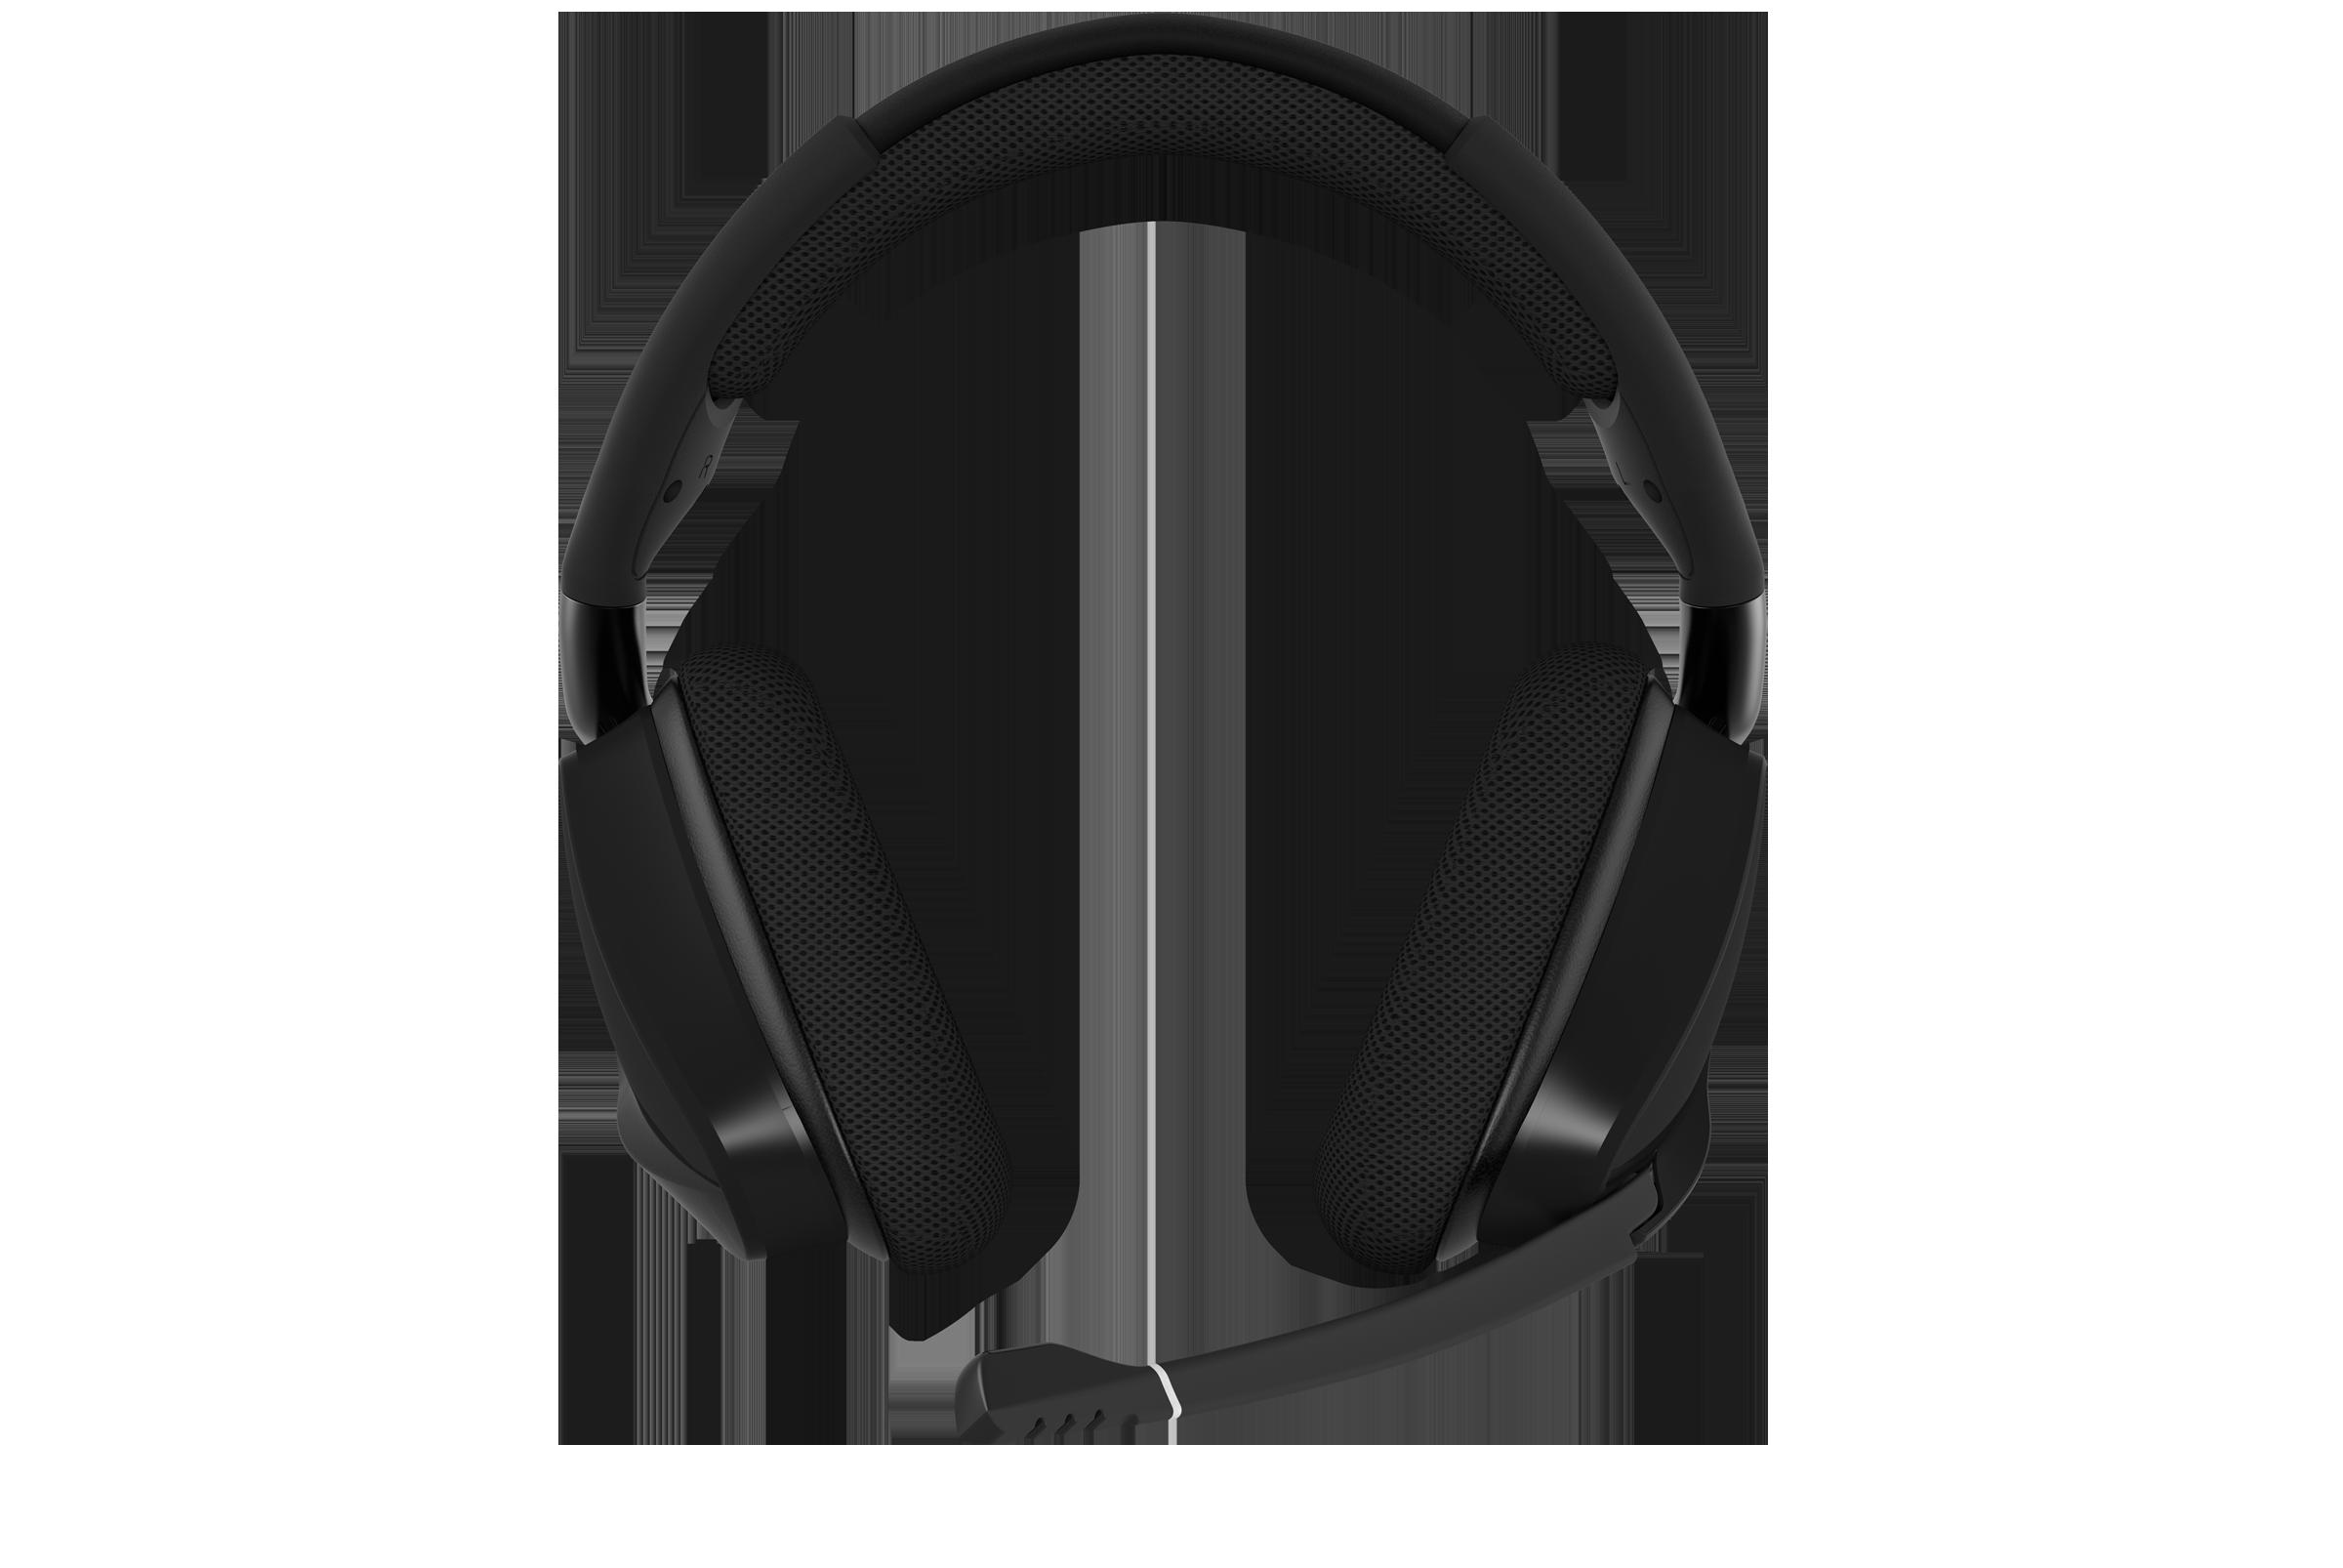 void-elite-wireless-carbon-03.png [MS-15481123719086096-0019530255-FR]/Catalogue produit / Online